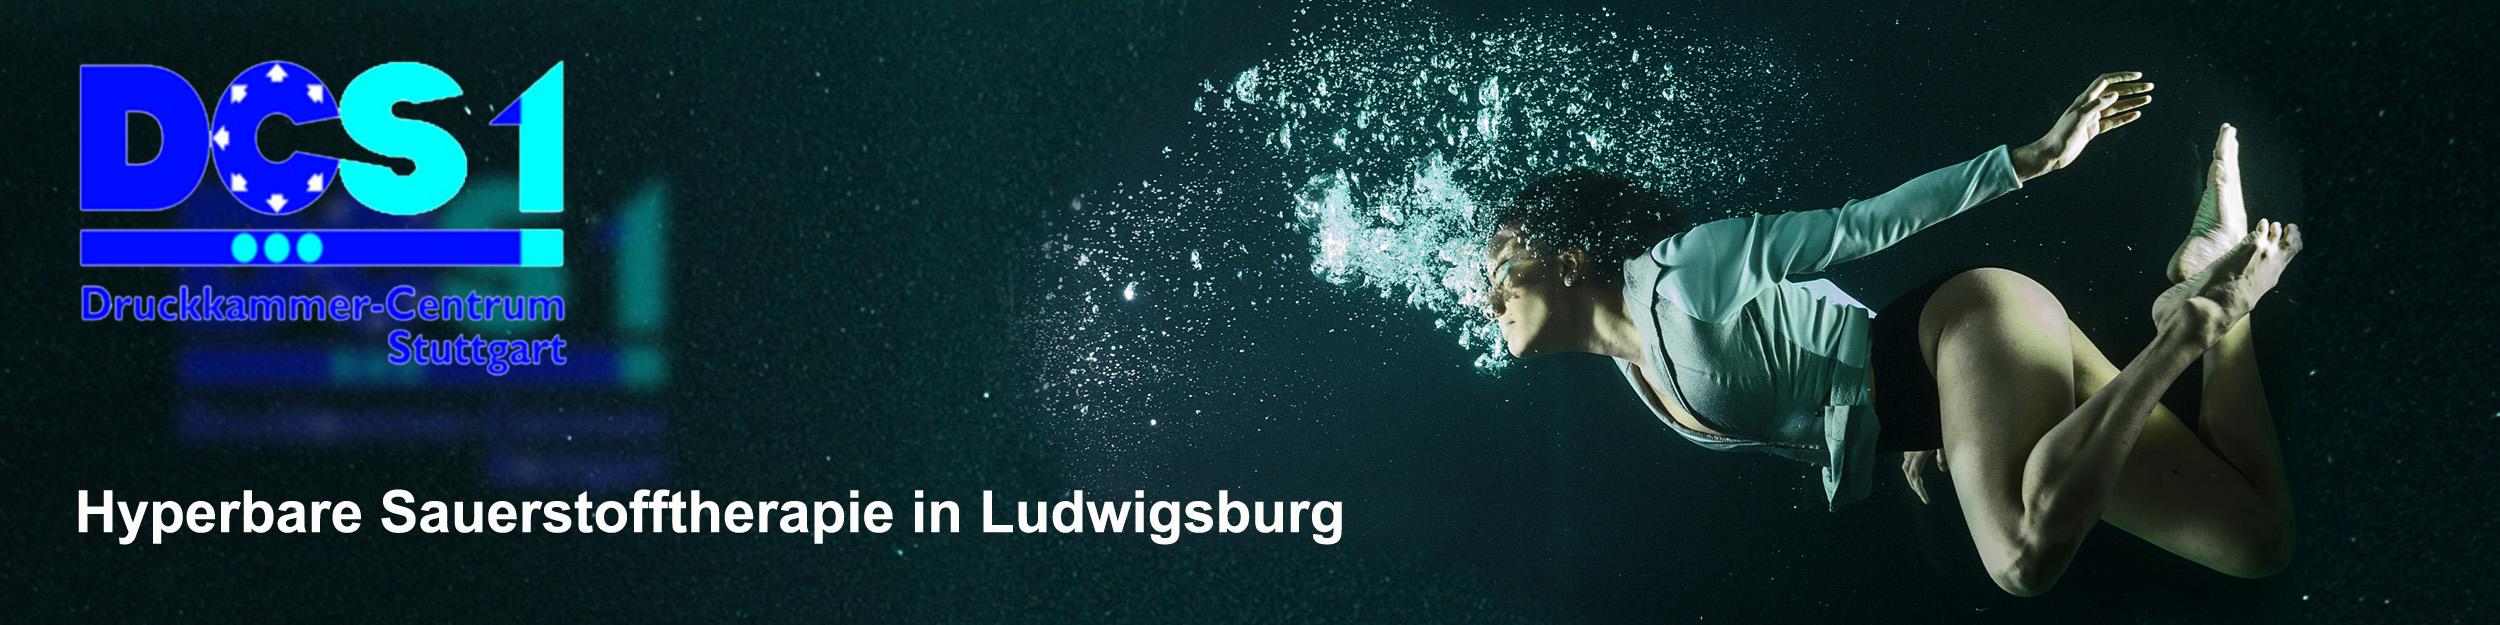 Druckkammer Ludwigsburg – DCS1